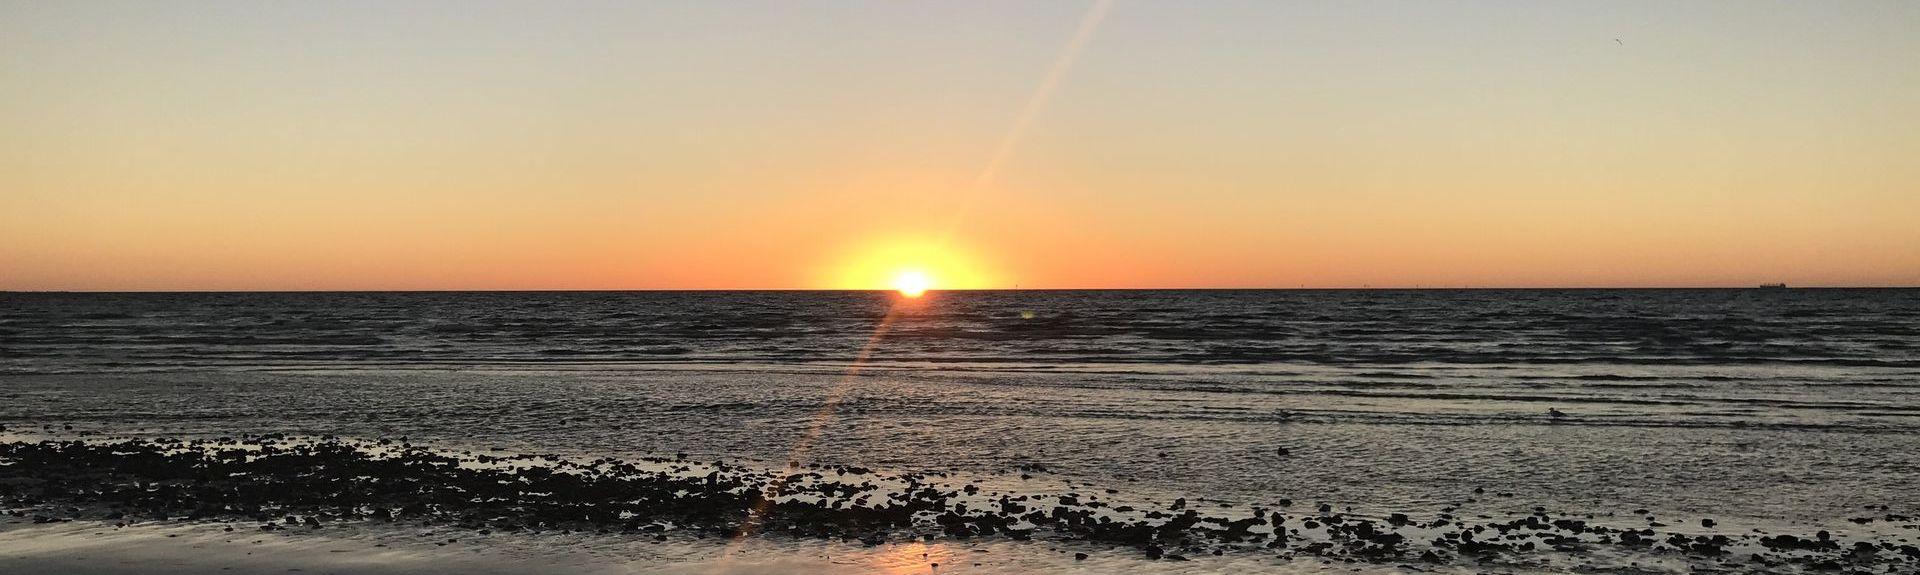 North Beach, South Australia, Australia